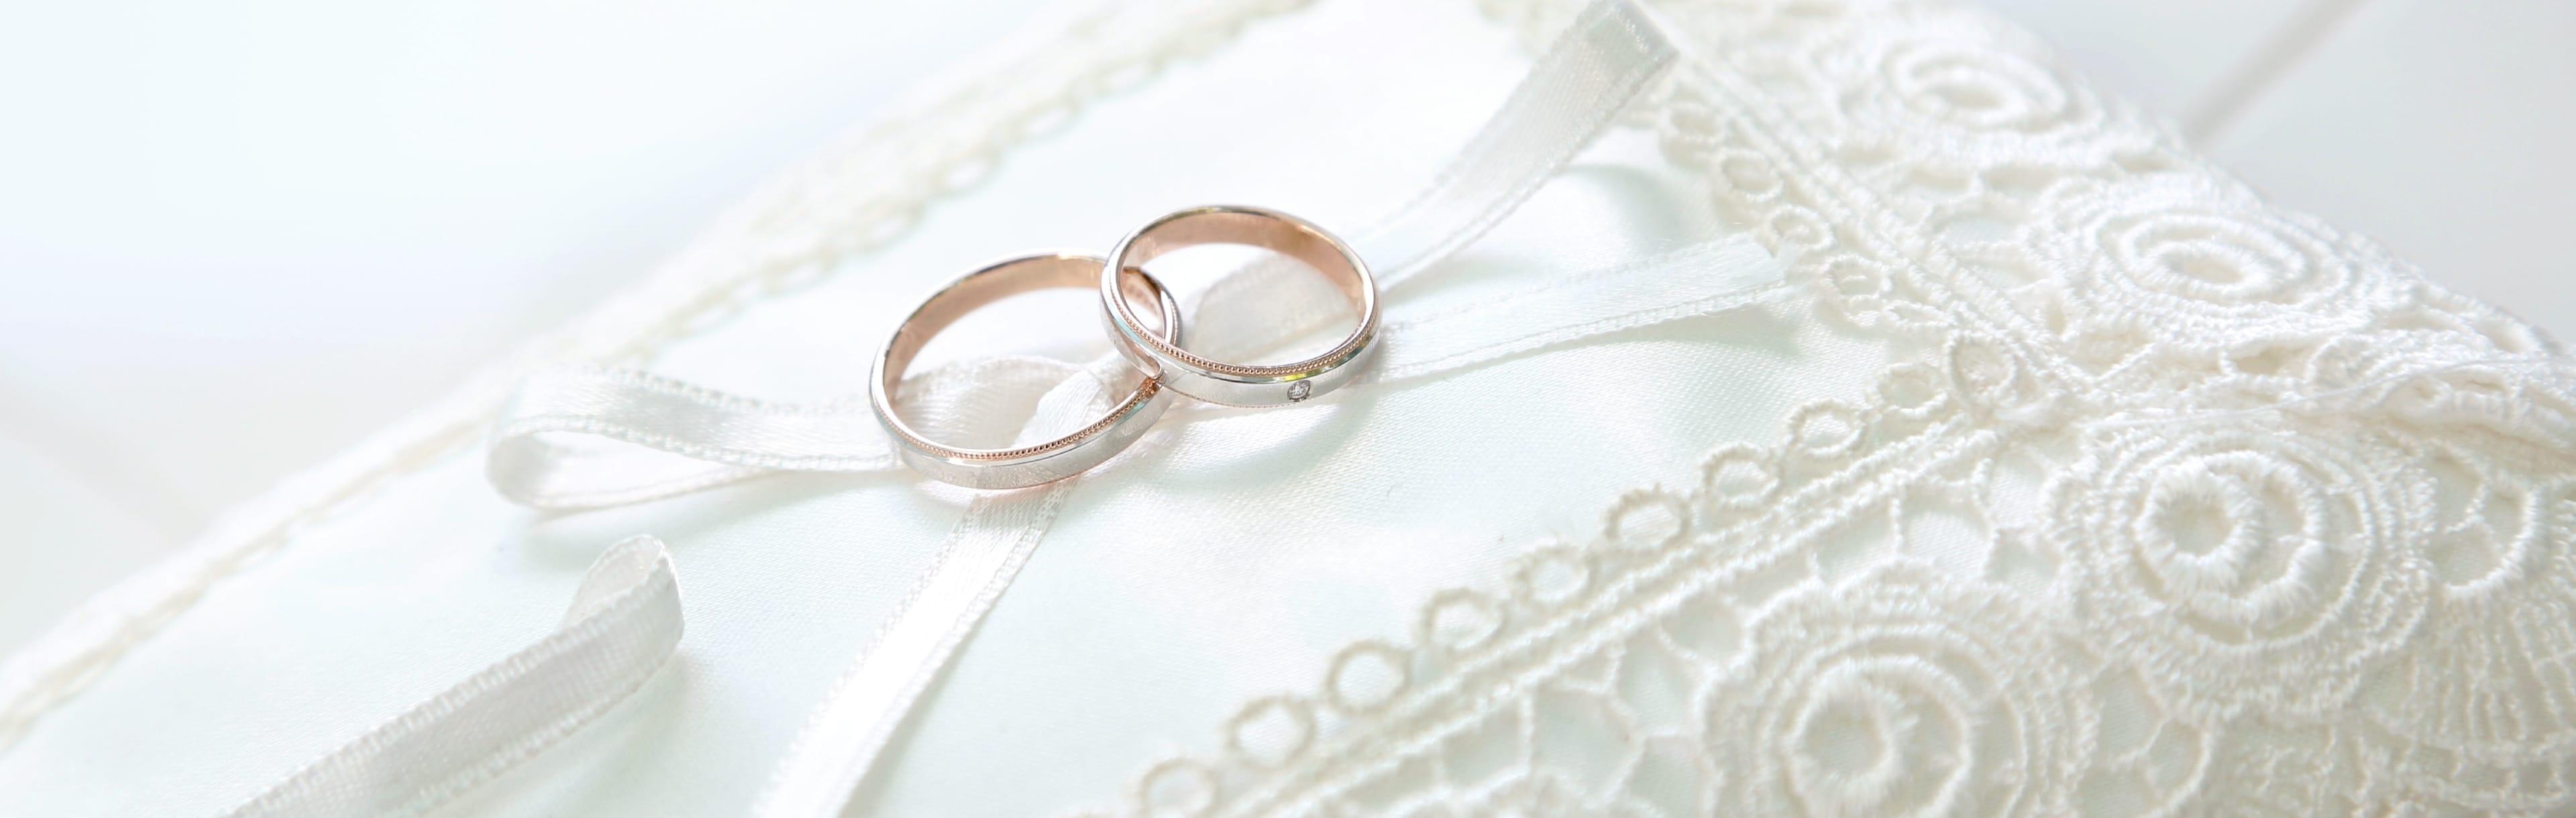 Delight Wedding Ceremony